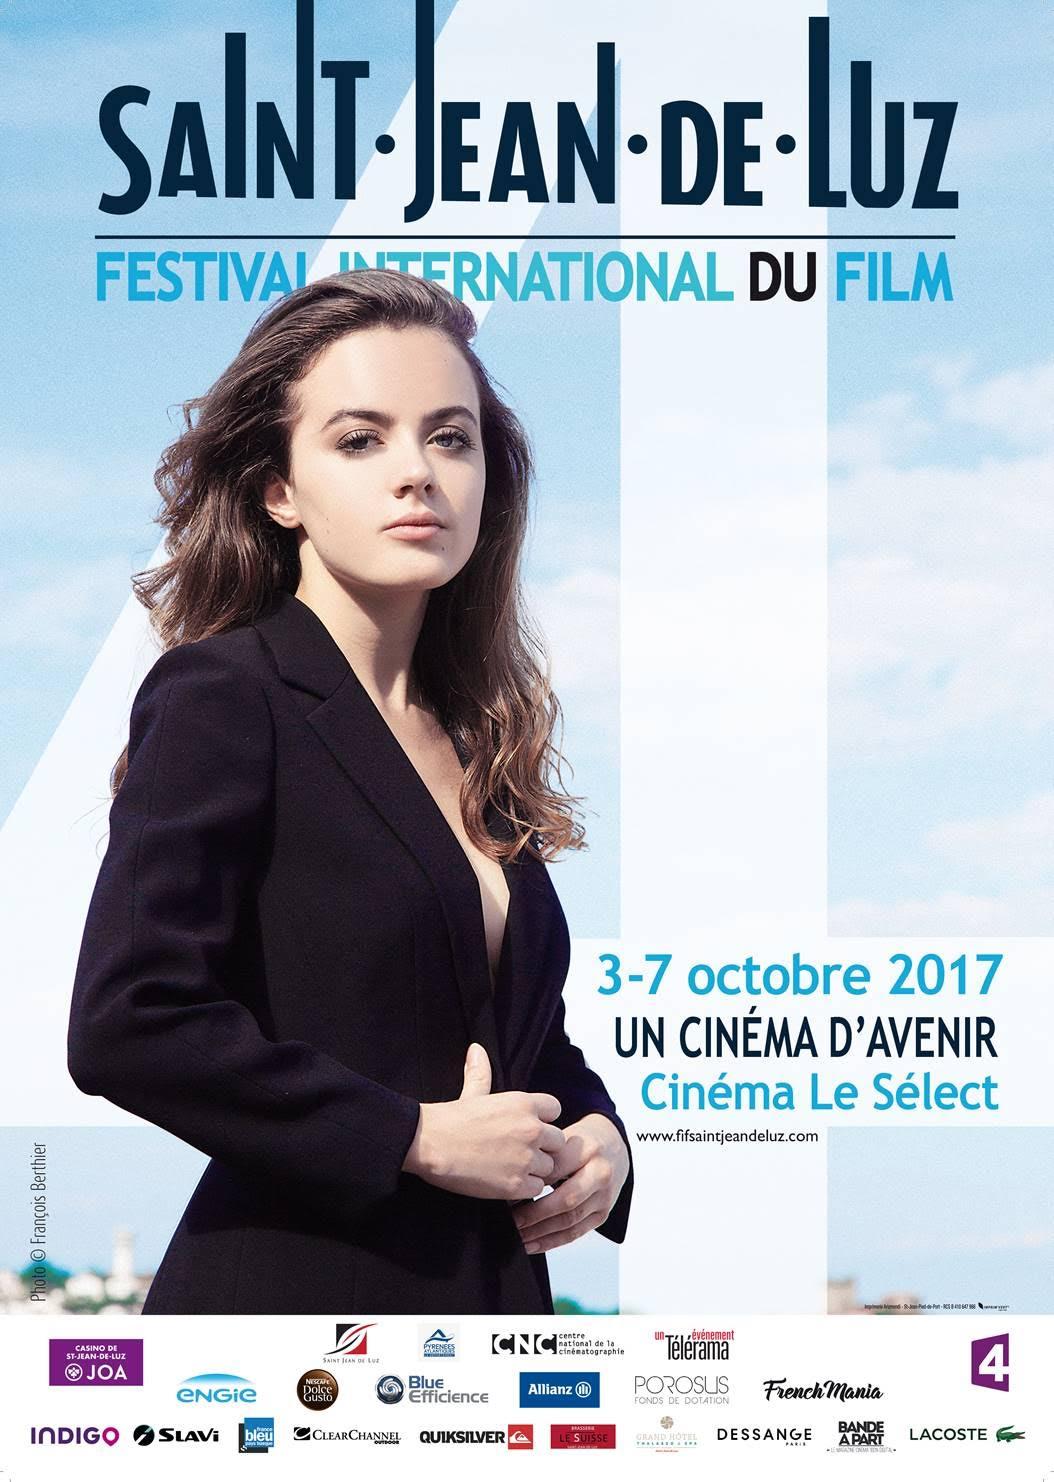 FrenchMania, partenaire du Festival international du film de Saint-Jean-de-Luz